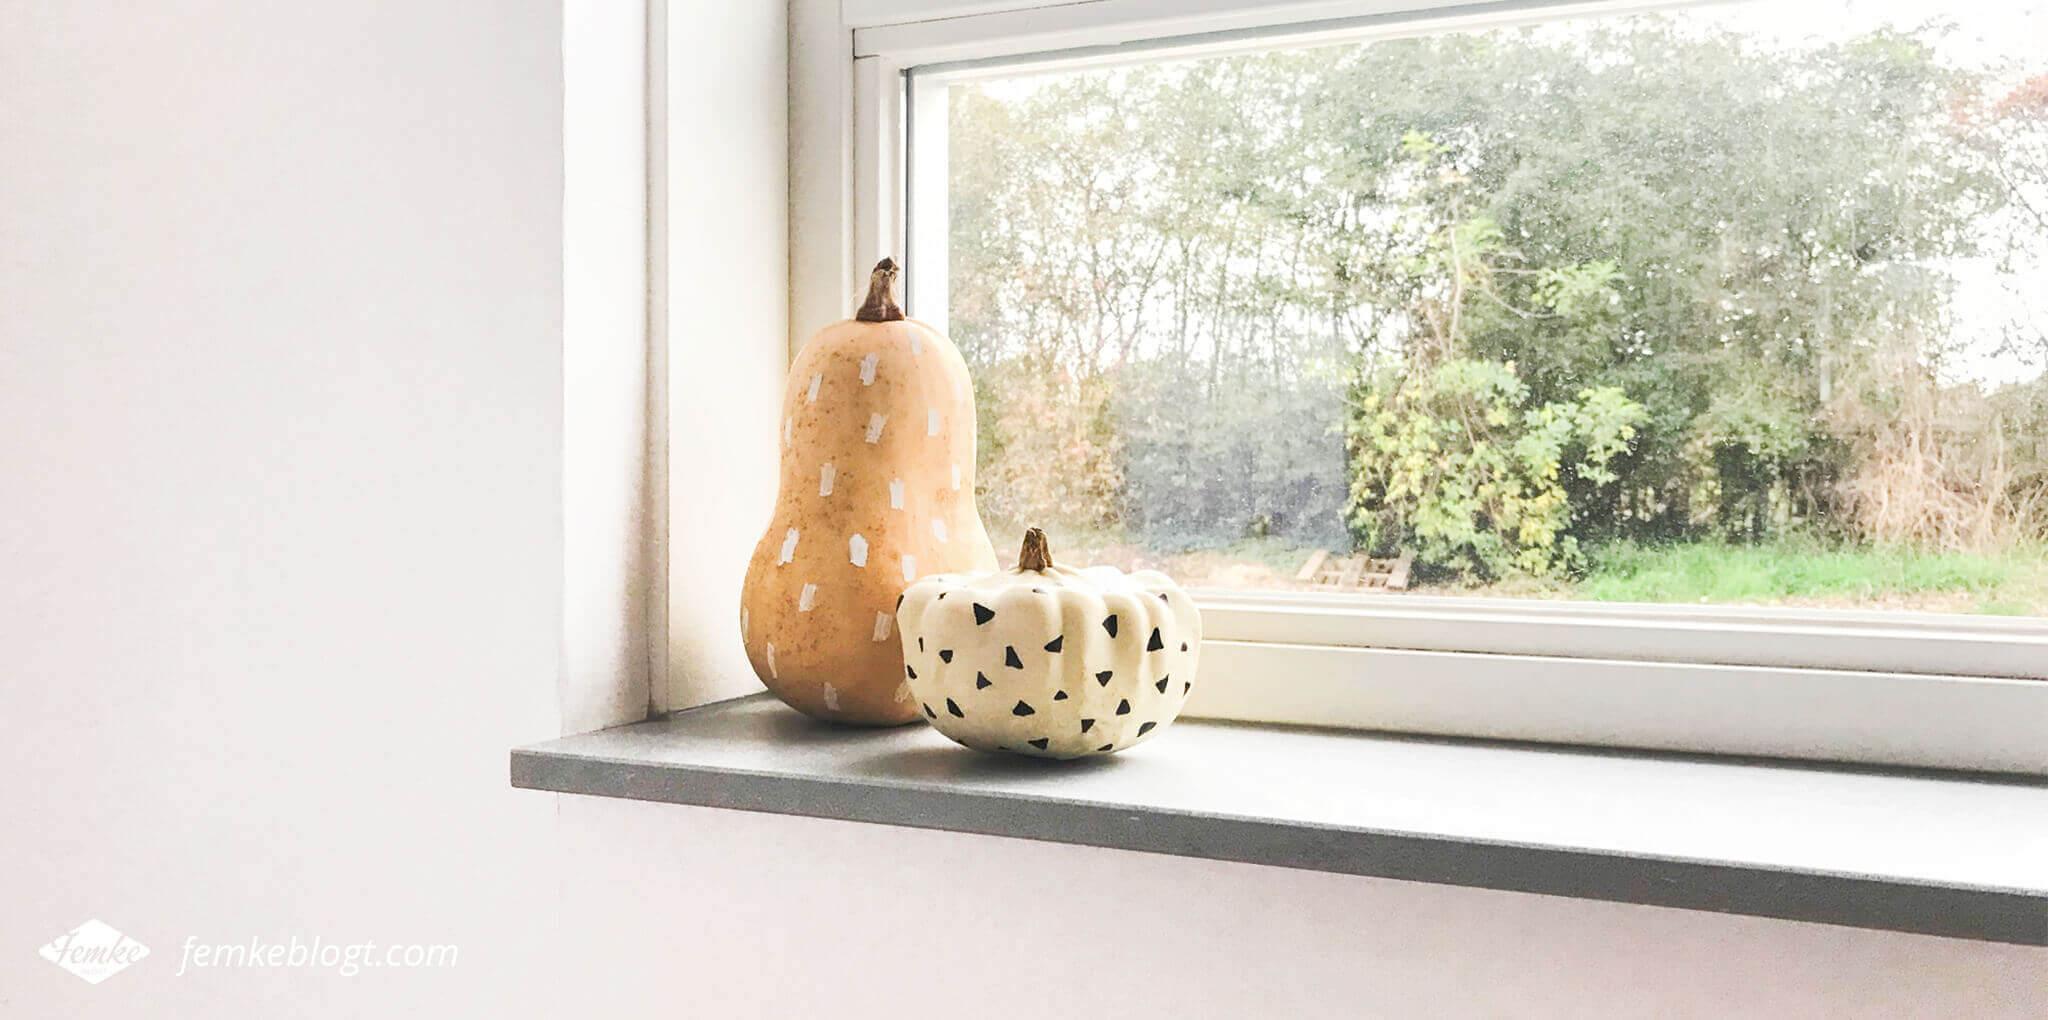 Haal de herfst in huis met pompoenen. Een simpele DIY om pompoenen te versieren voor leuke herfst decoratie.